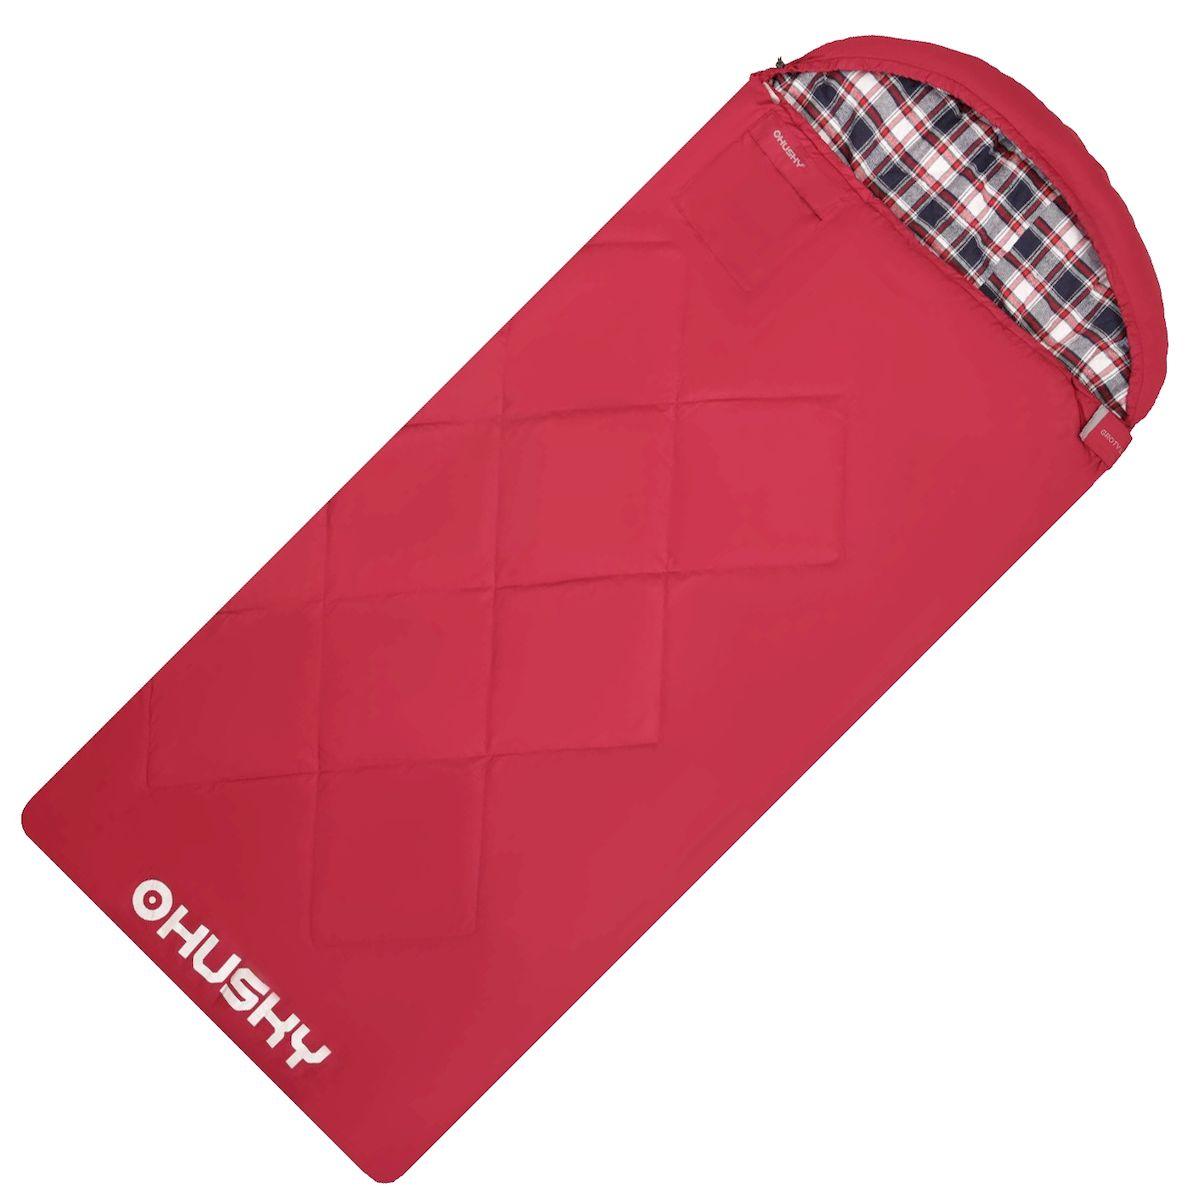 Спальник - одеяло Husky GROTY LADY -5С, правая молния, цвет: красный010-01199-23Спальник-одеяло с подголовником женский до -5°C (НОВИНКА)GROTY LADYДвухслойный женский спальный мешок-одеяло для кемпинга. Утеплитель из 4-х канального холофайбера, превосходная комбинация теплового комфорта с комфортом традиционного спального мешка-одеяла. Groty можно использовать не только на природе, но и в помещении как традиционное одеяло.Размеры: 85х200 смРазмеры в сложенном виде: 45х35х17 смВес: 2450 гЭкстремальная температура: -5 СКомфортная температура: -0 С ... +5 С- Внешний материал: Pongee 75D 210T (лен)- Внутренний материал: флис (полиэстер)- Утеплитель: 2 слоя 150 г/м2 HollowFibre,- Конструкция: два слоя- Компрессионный мешок- Петли для сушки